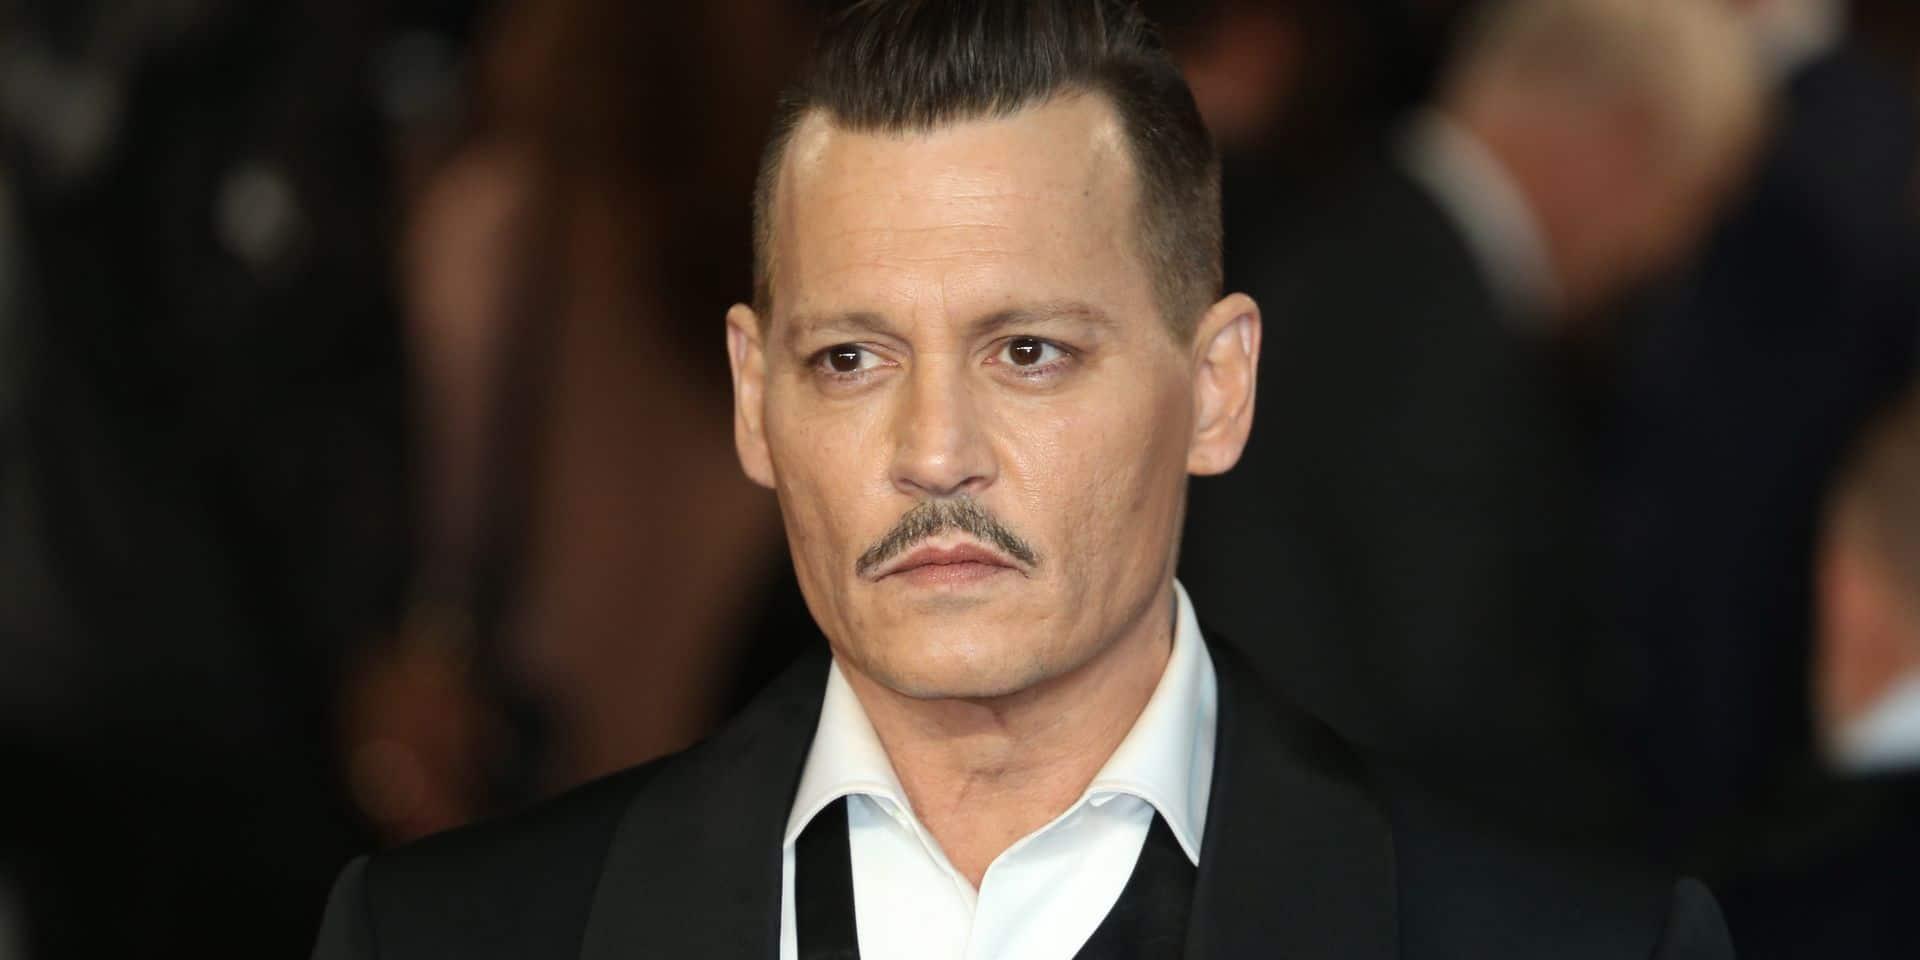 Le photographe de la tournée de Johnny Depp explique l'apparence de Johnny Depp